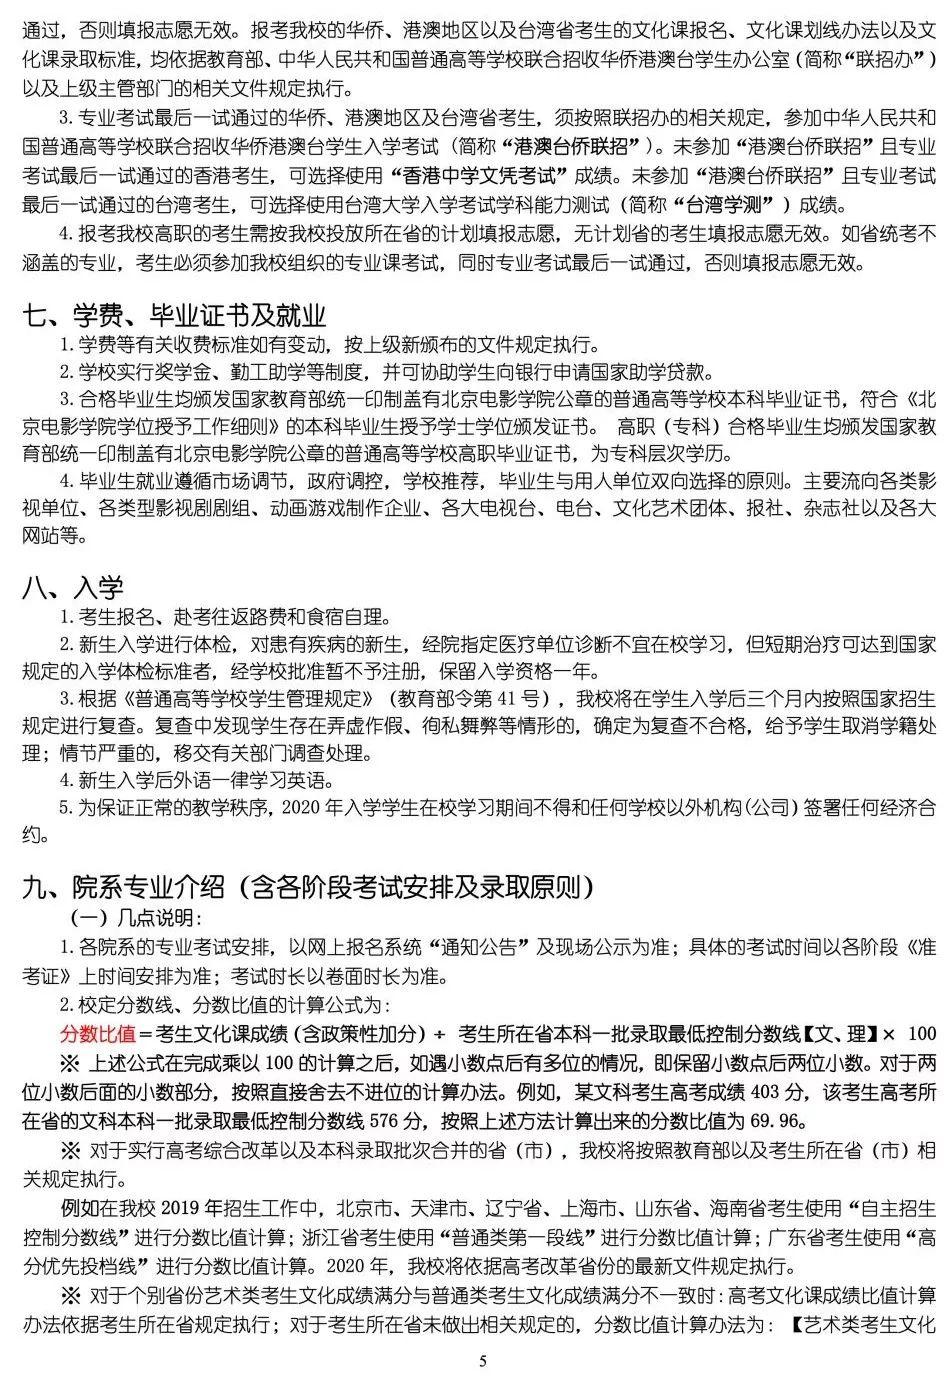 中国传媒大学,北京电影学院,中央戏剧学院,北京巅峰广艺画室       19